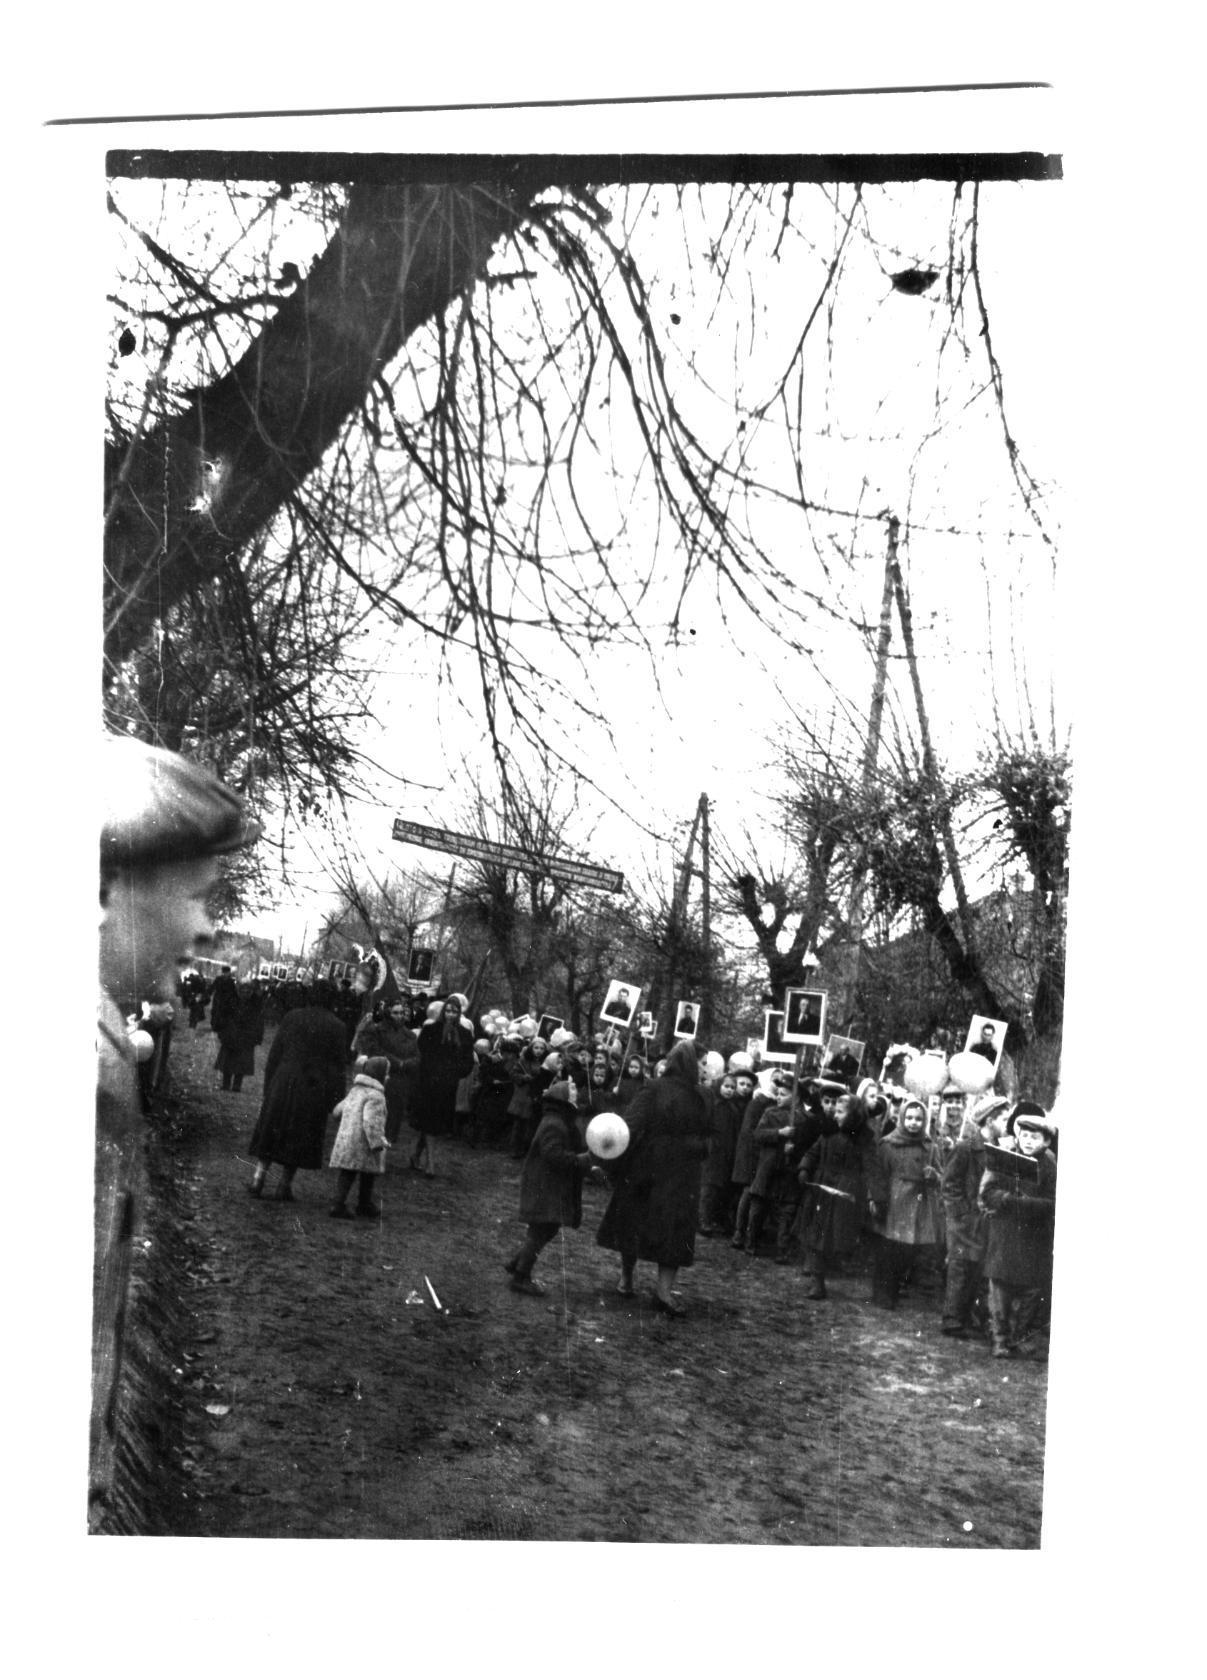 октябрьская демонстрация в Петрикове